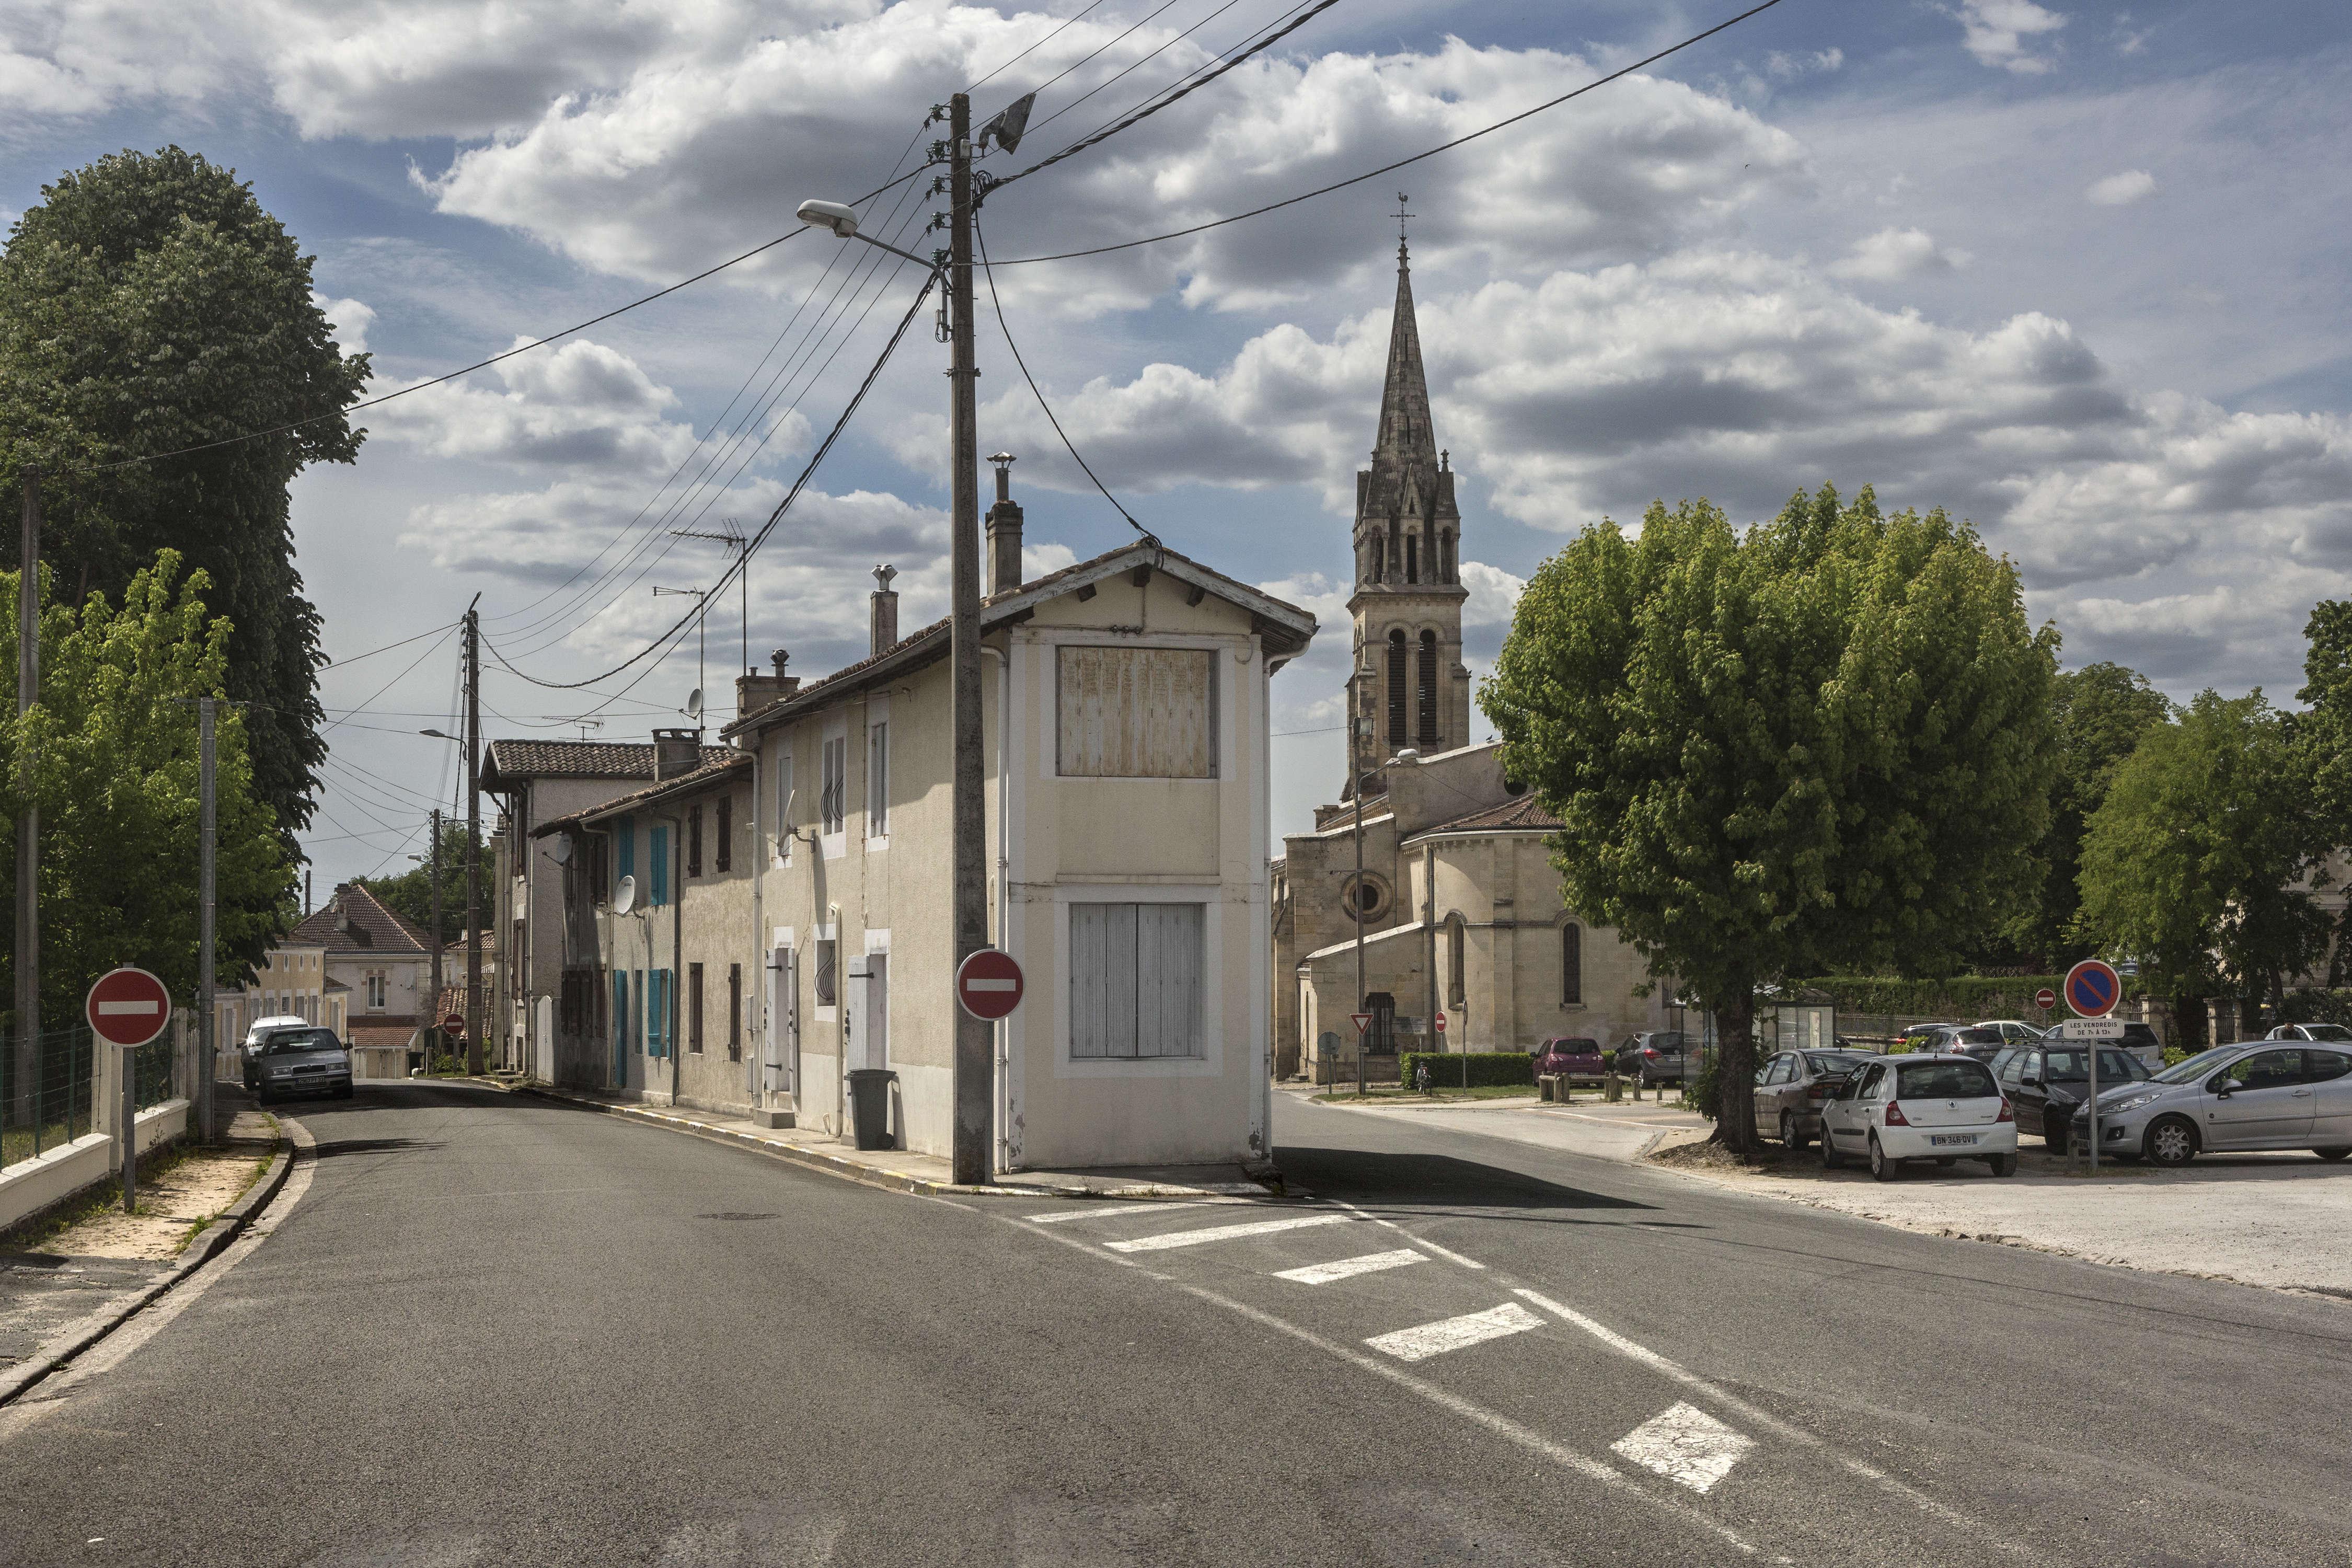 Marine Le Pen a réalisé un score inédit à l'élection présidentielle dans ce village du sud de la Gironde, une zone perçue comme«courue et privilégiée» près de l'océan.